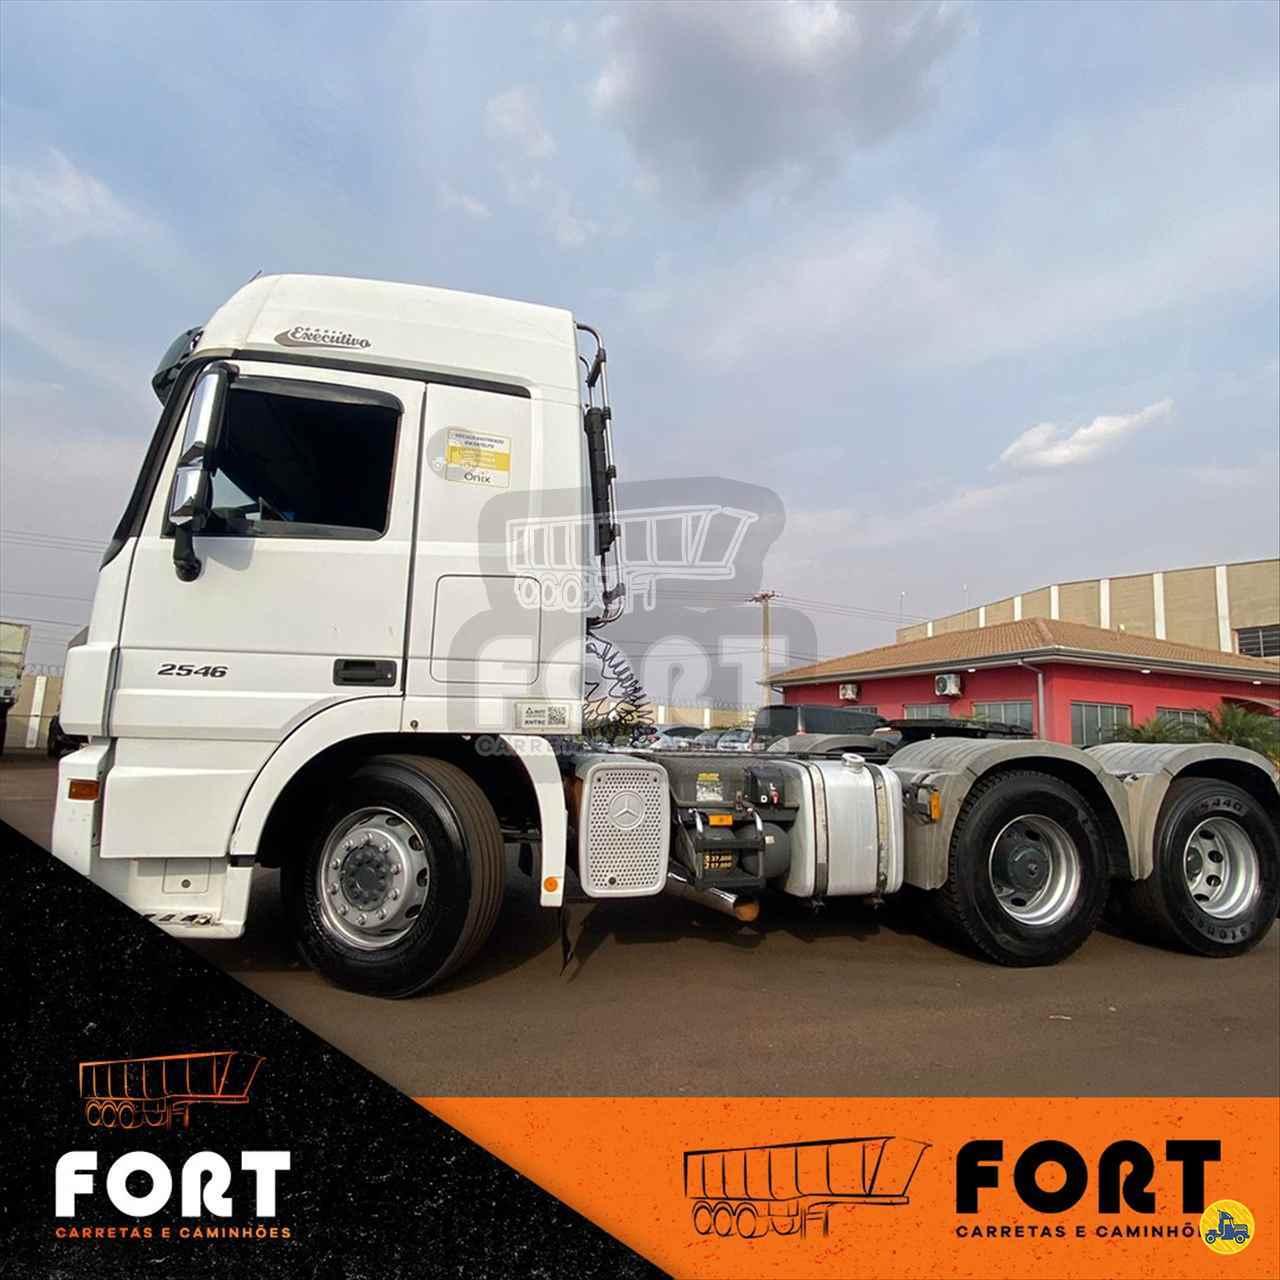 CAMINHAO MERCEDES-BENZ MB 2546 Cavalo Mecânico Truck 6x2 Fort Carretas e Caminhões CRAVINHOS SÃO PAULO SP